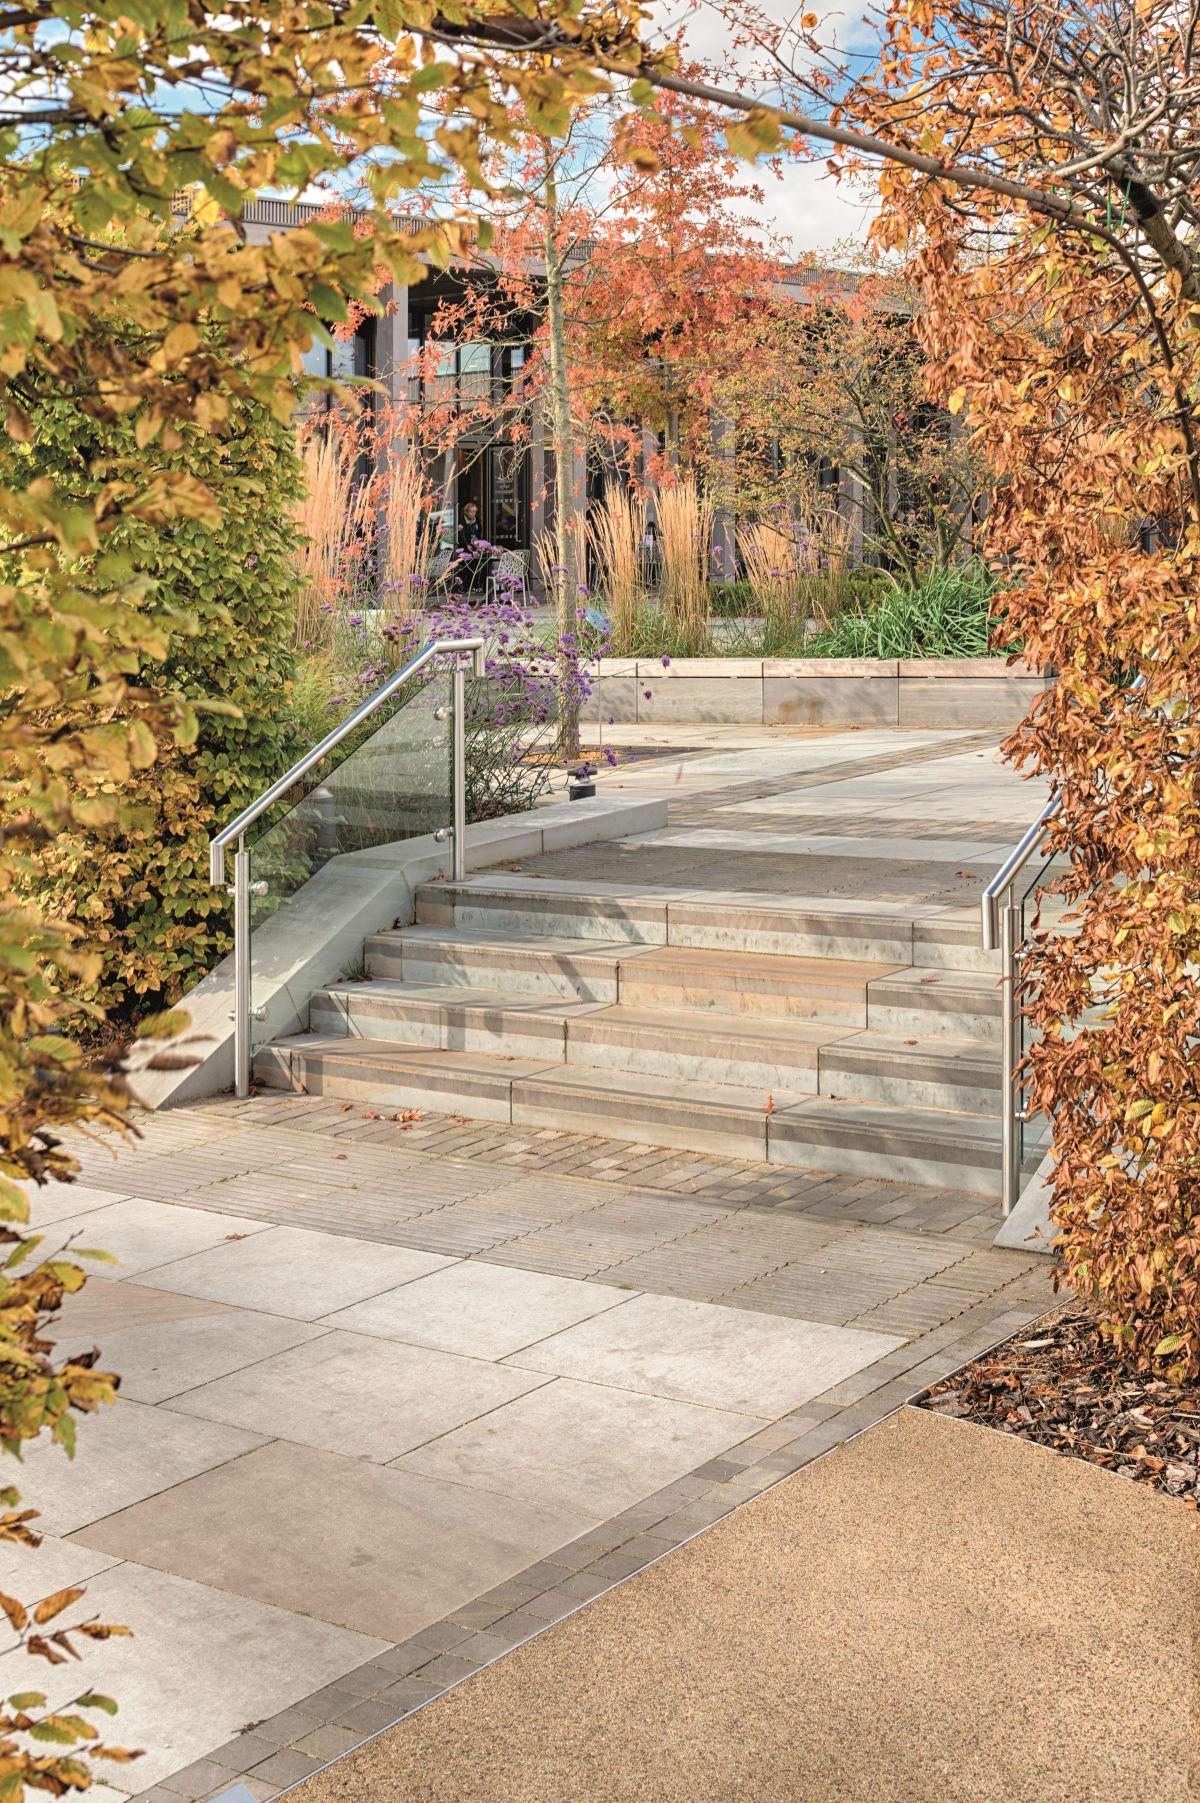 National-Memorial-Arboretum-13547